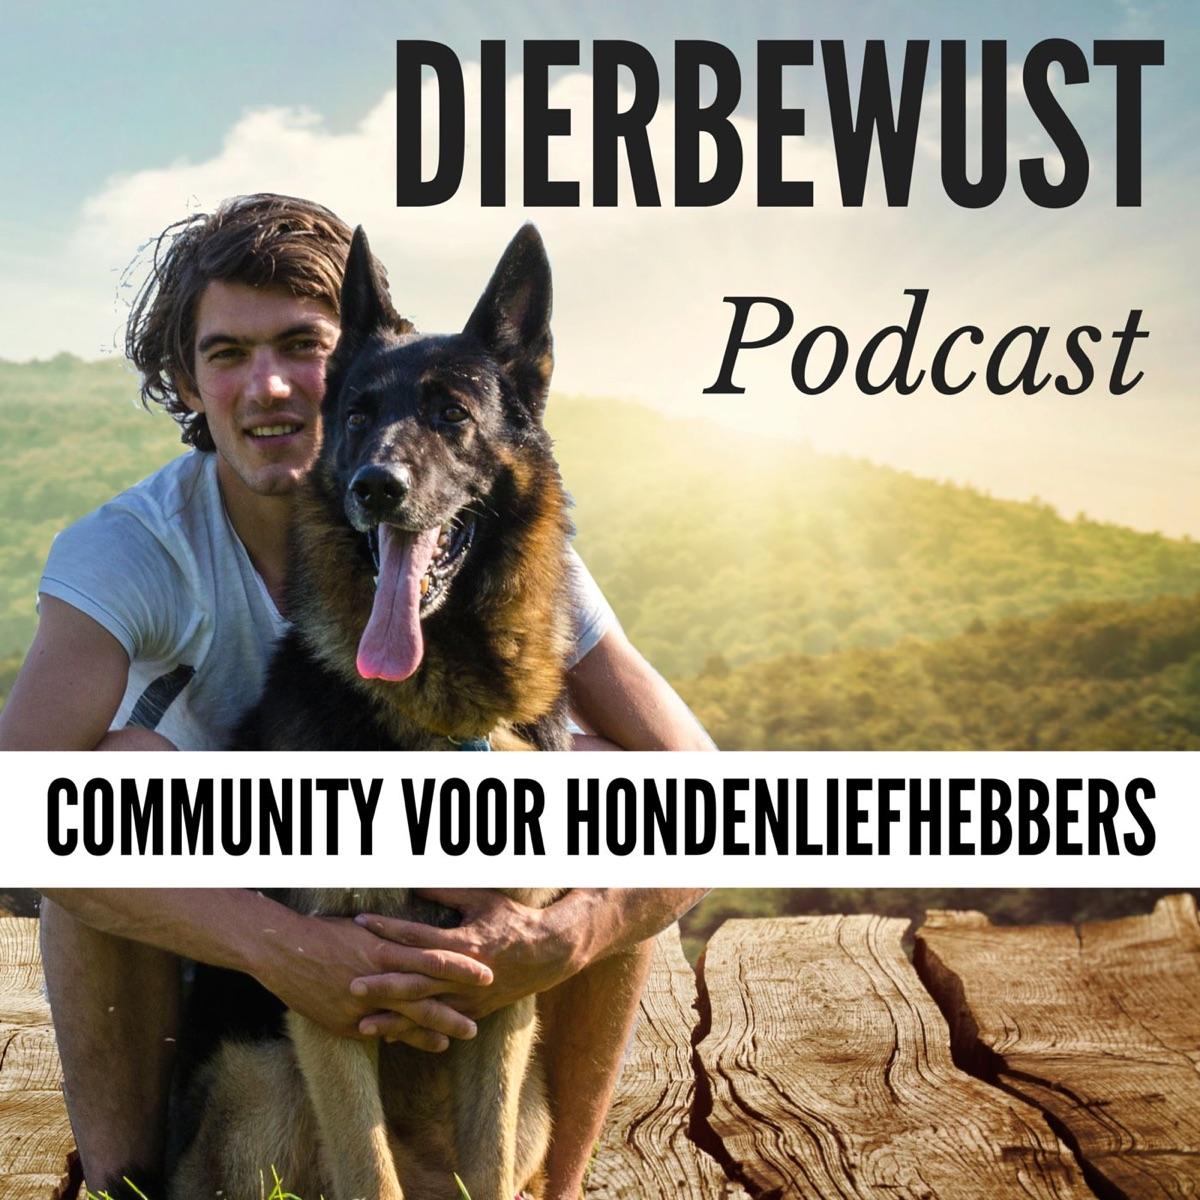 Dierbewust Podcast Show - Community voor hondenliefhebbers